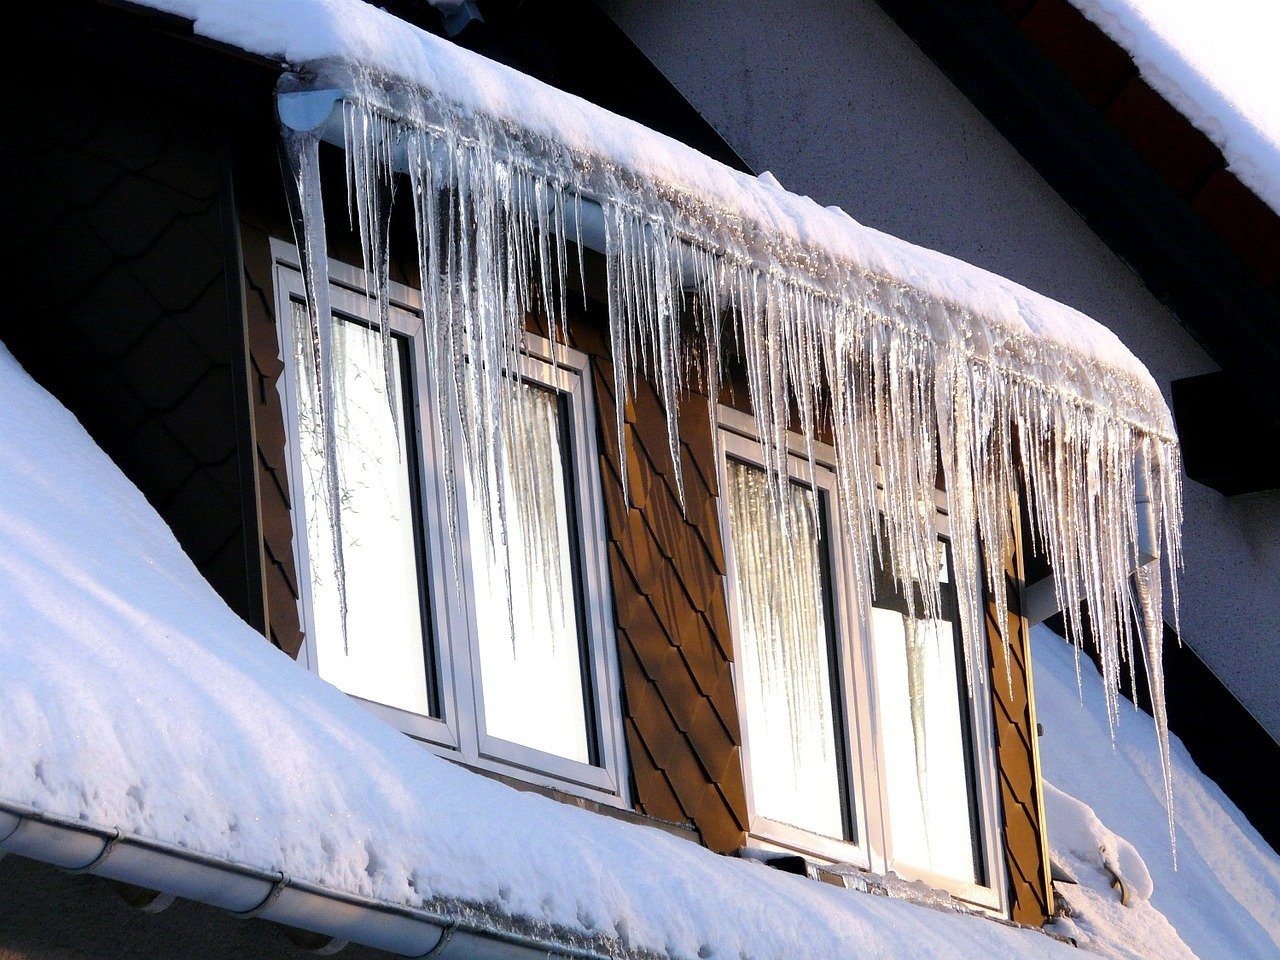 Nicht erst zum Winteranfang soll es drinnen warm und draußen kalt sein.